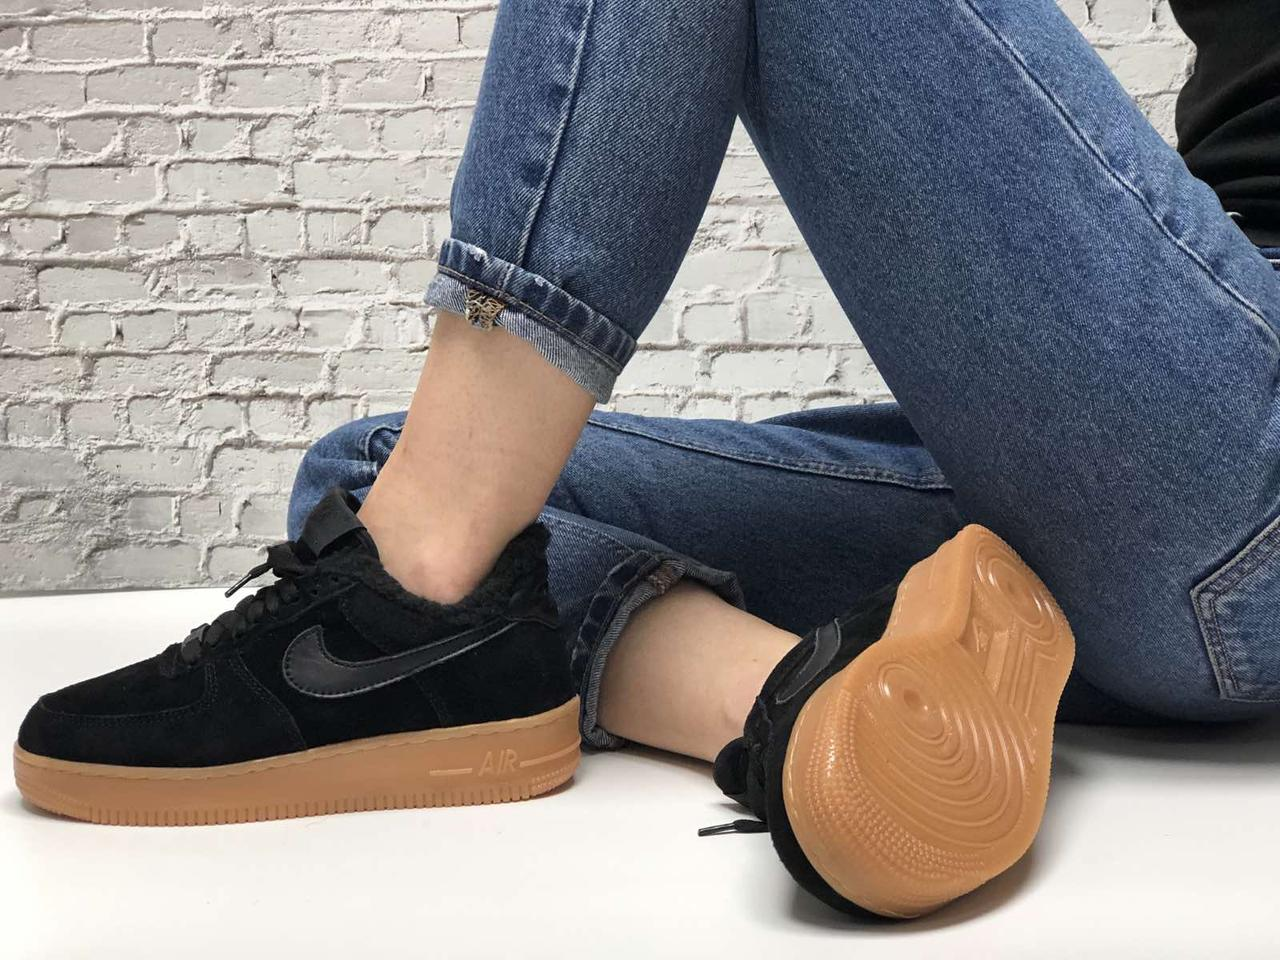 Зимние женские кроссовки Nike Air Force Black с мехом. ТОП Реплика ААА класса.